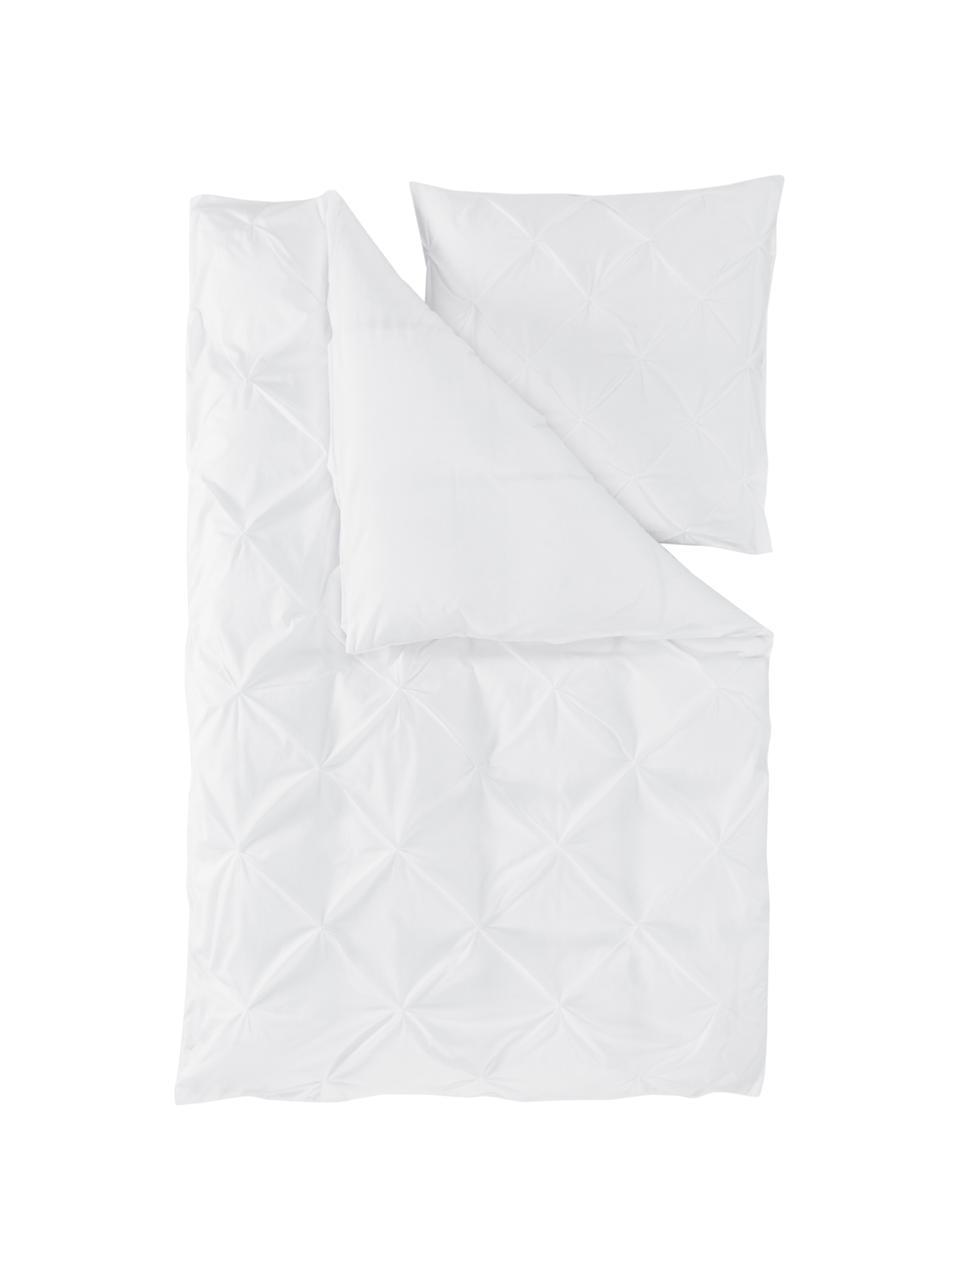 Pościel z perkalu Brody, Biały, 135 x 200 cm + 1 poduszka 80 x 80 cm